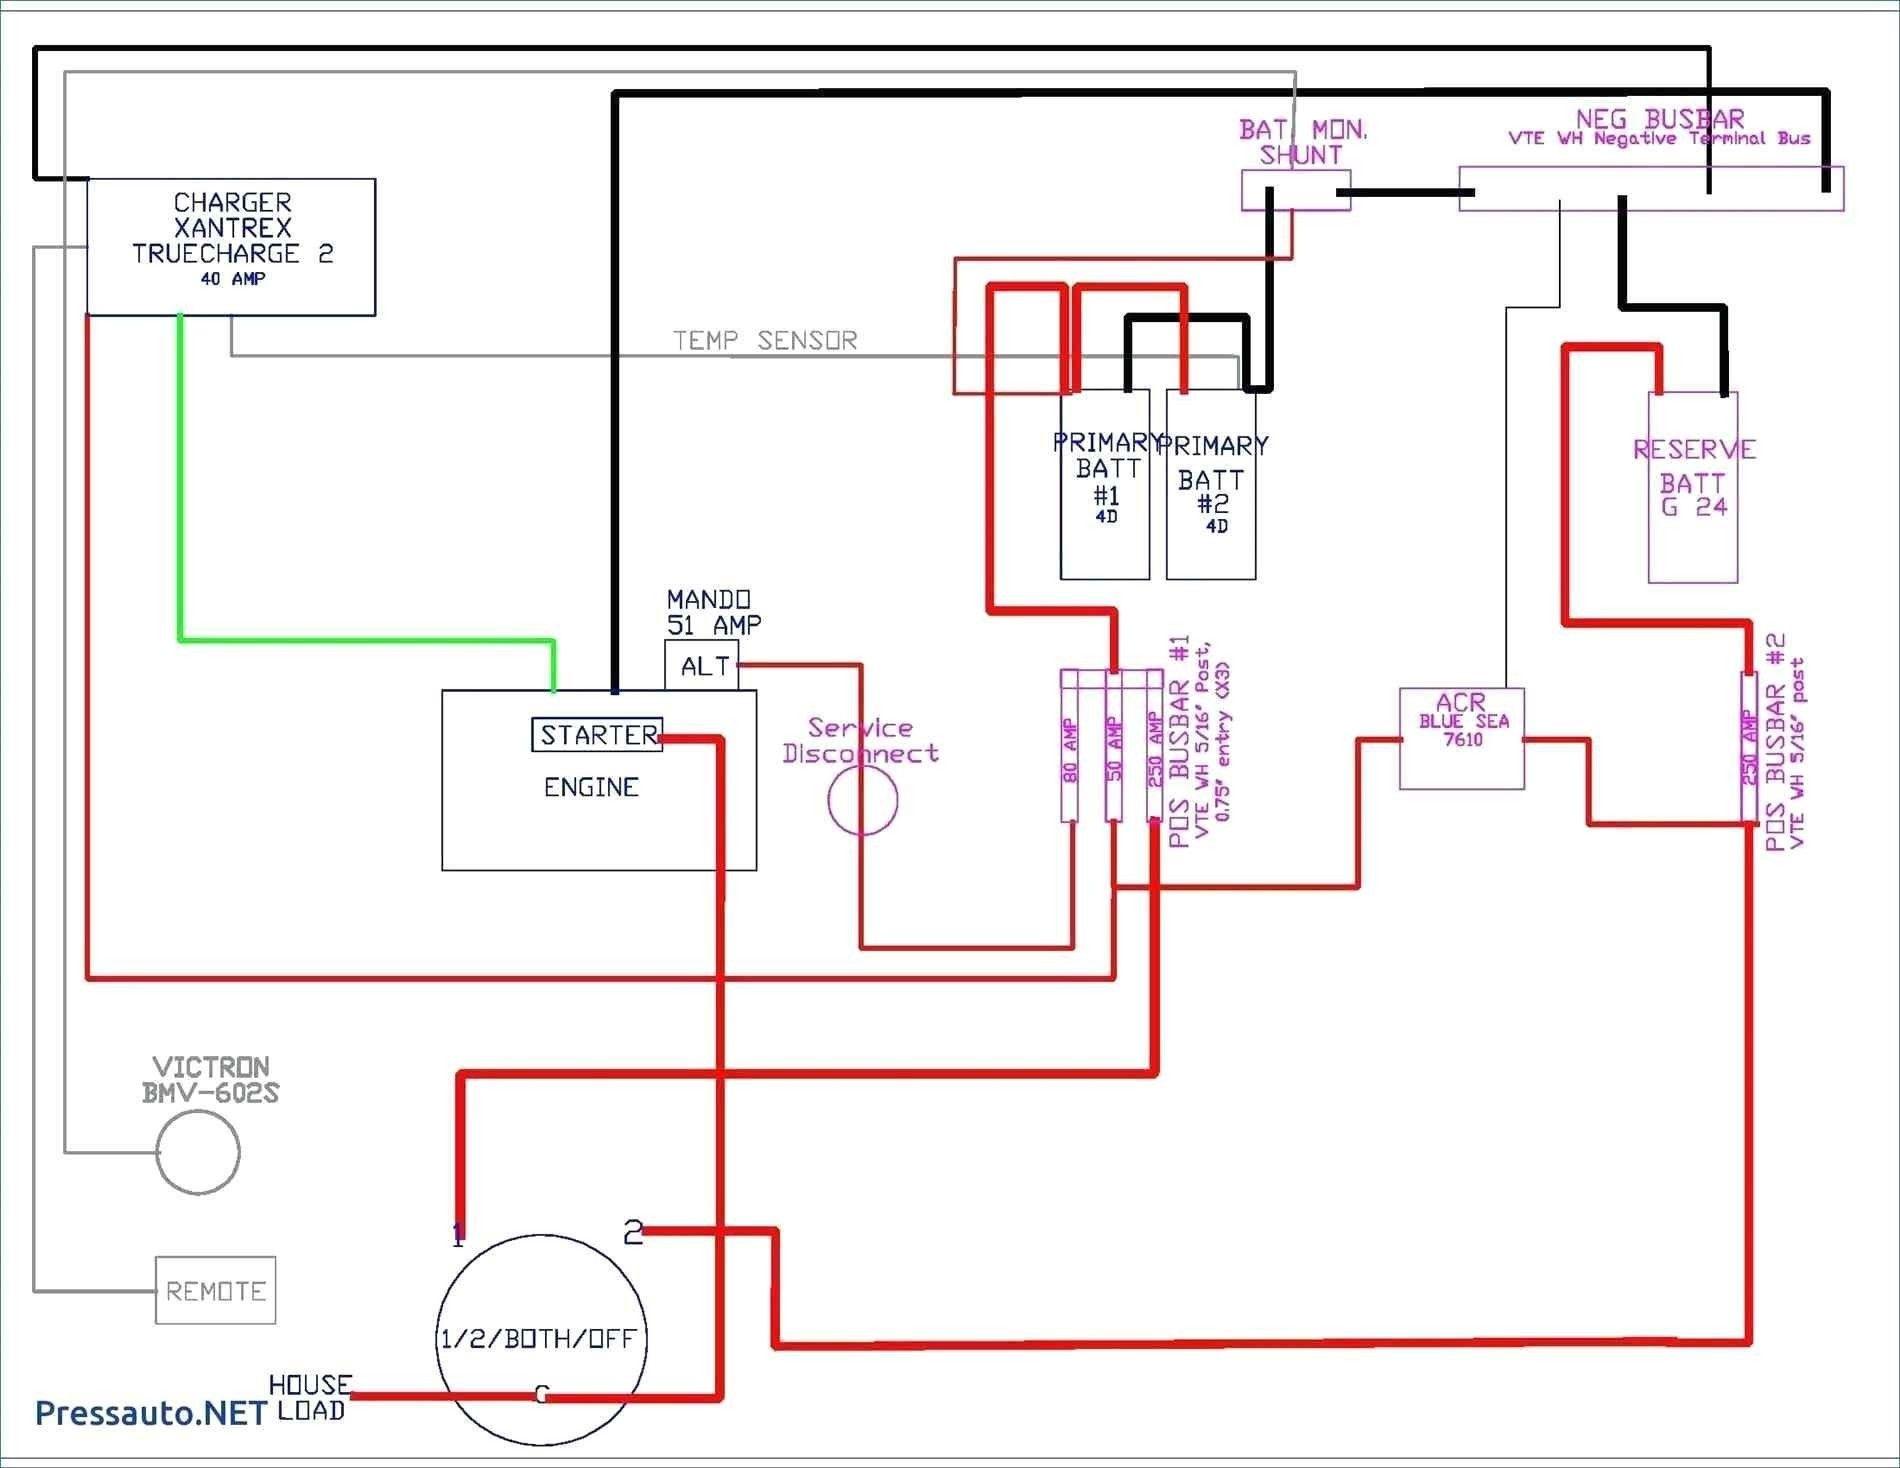 Inspirational Wiring Diagram Parrot Ck3100 Diagrams Digramssample Diagramimages Wiringdiagram Electrical Circuit Diagram Electrical Diagram Circuit Diagram